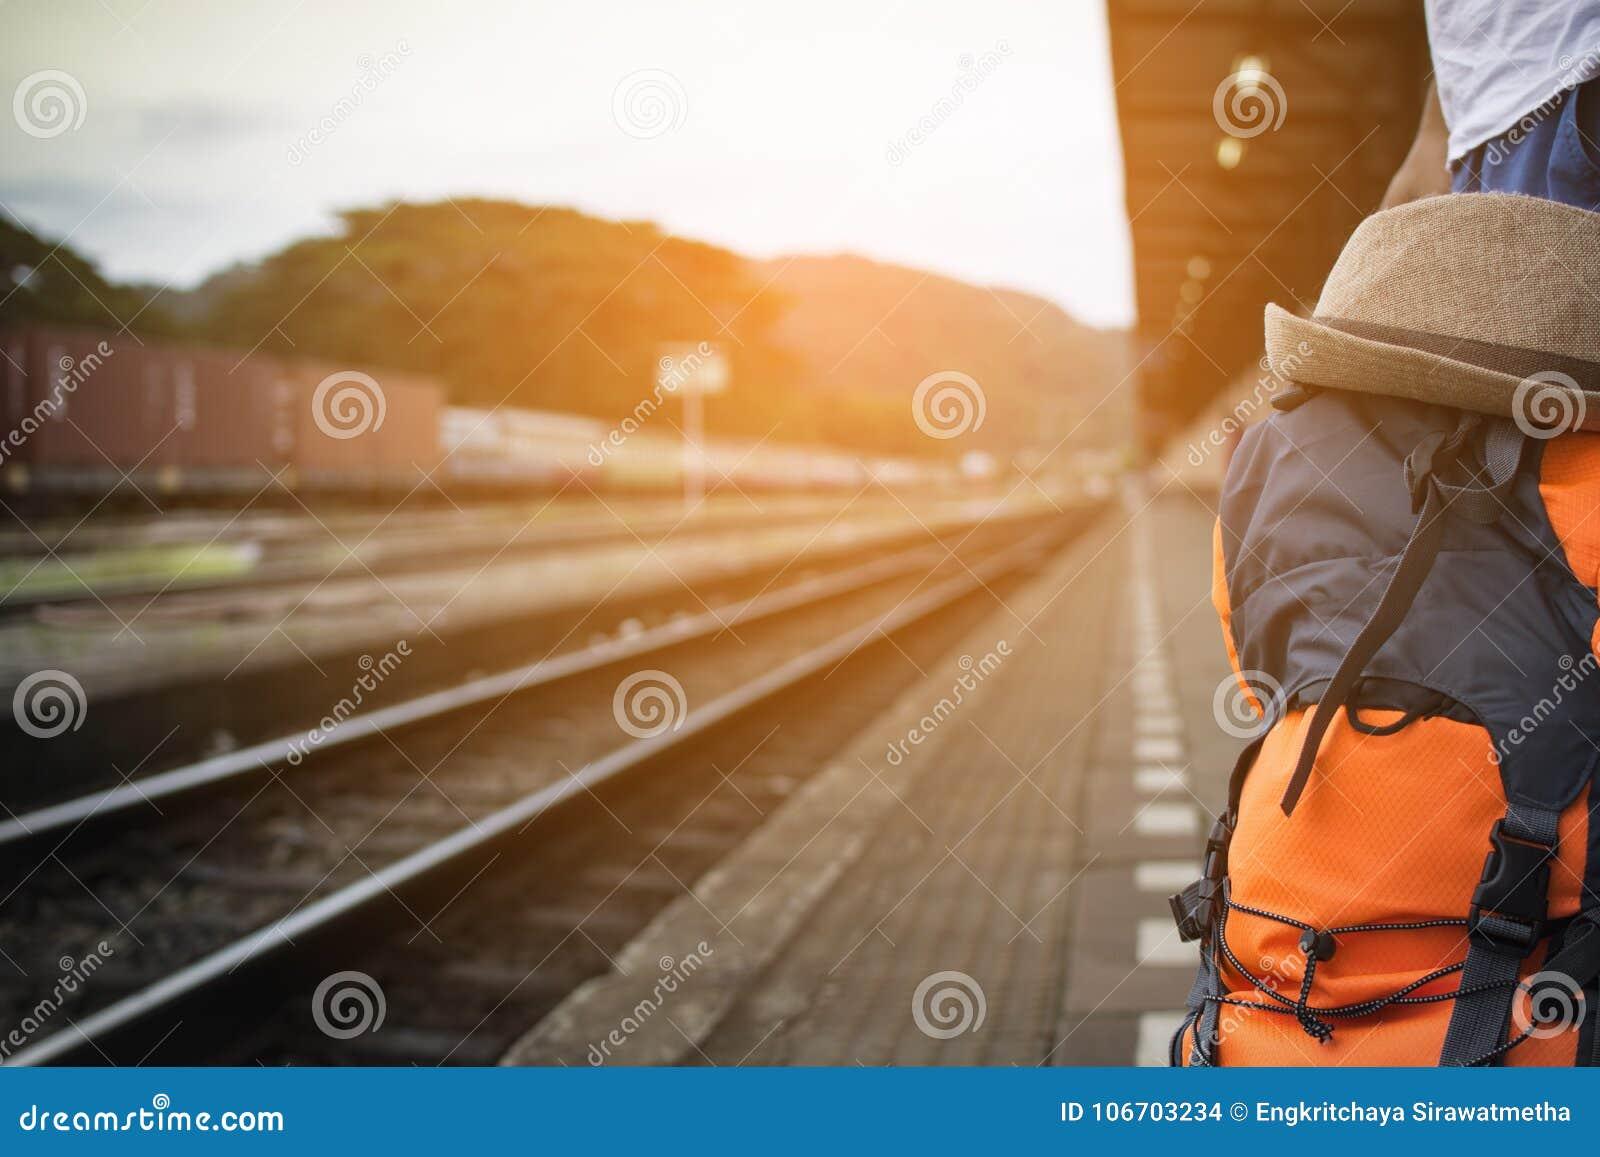 Tren que espera de la mochila del hombre en la estación de tren en Tailandia